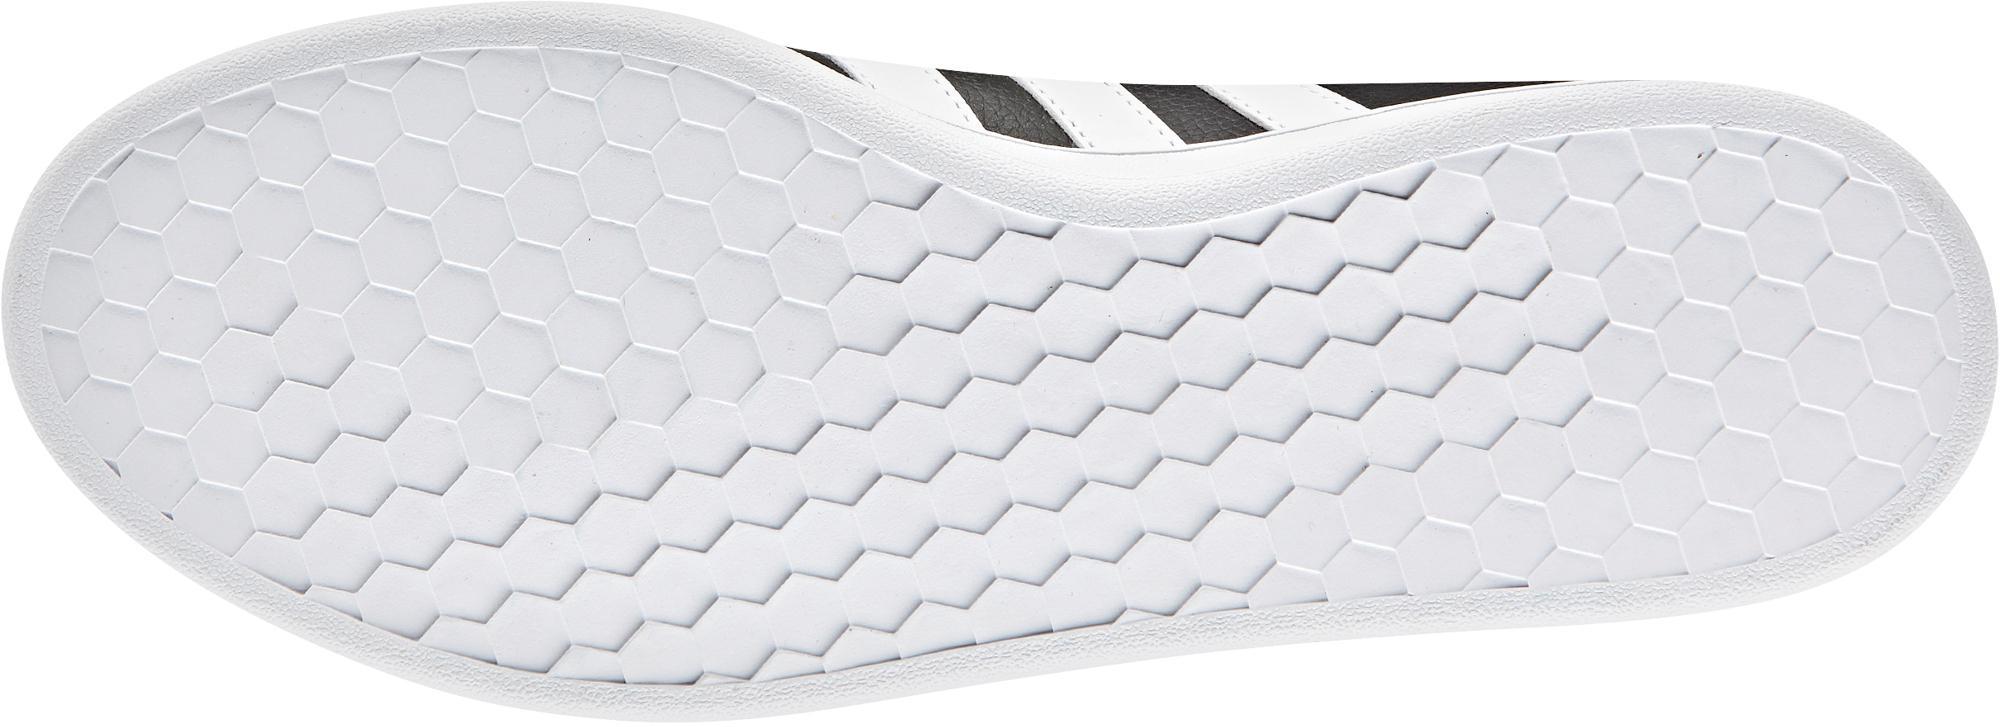 Adidas Grand Court Turnschuhe Herren ftwr Weiß Weiß Weiß im Online Shop von SportScheck kaufen Gute Qualität beliebte Schuhe a69ce9